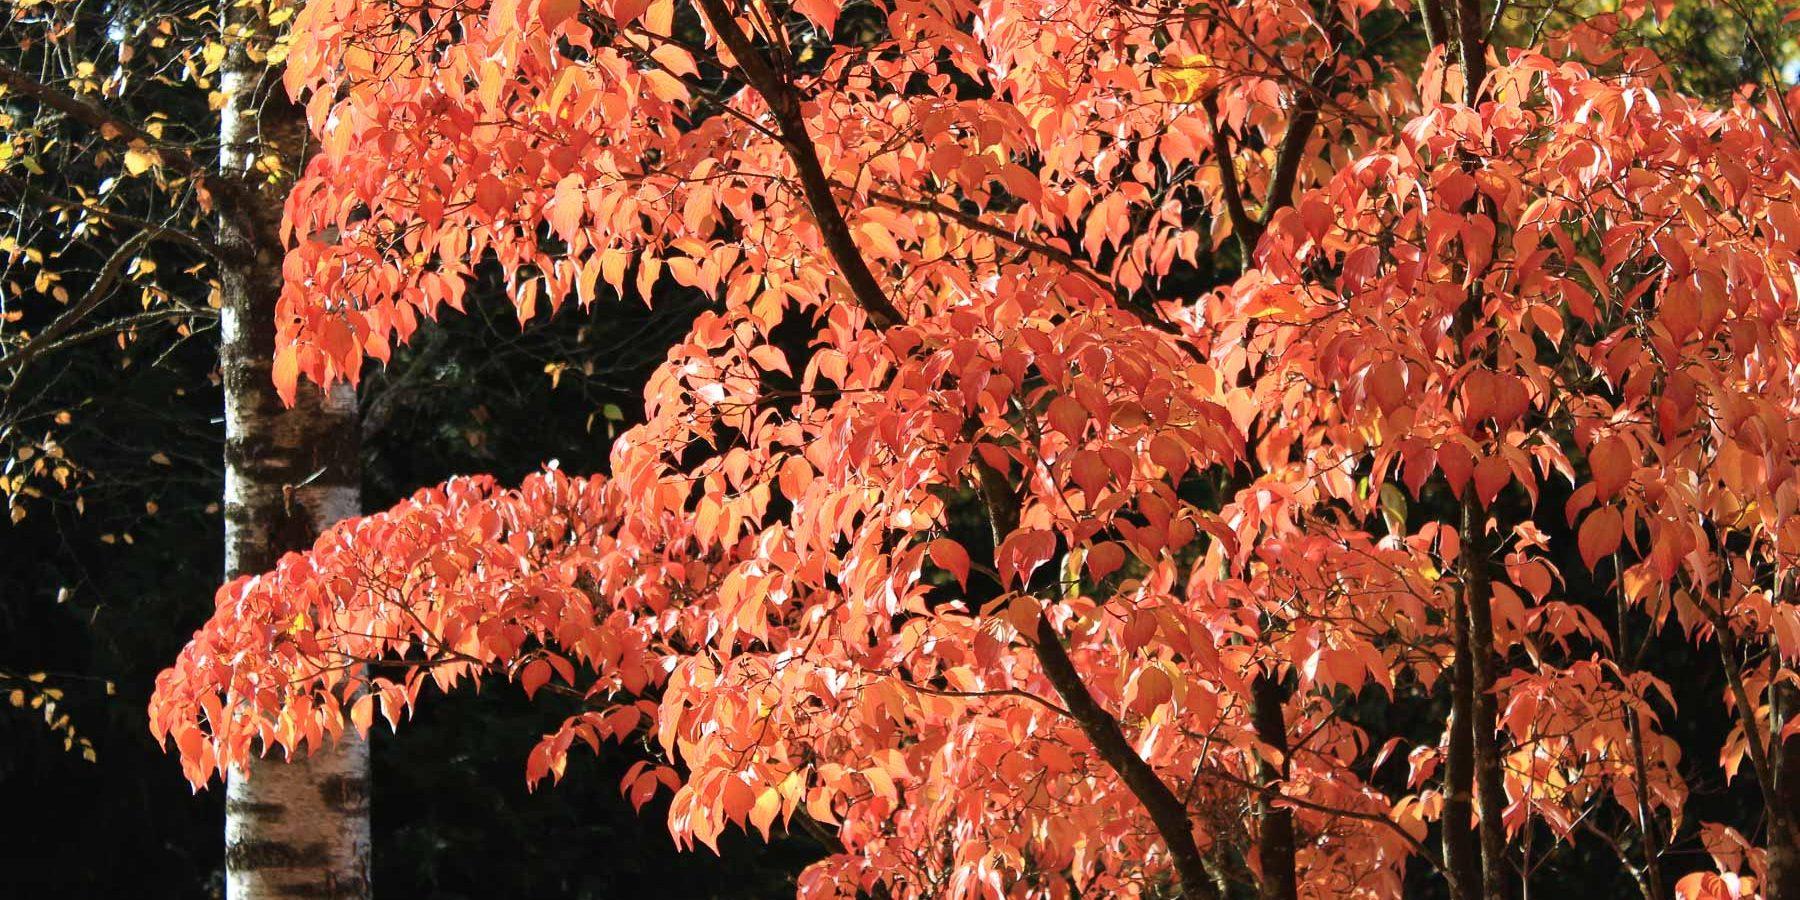 Leuchtende Herbstfärbung in Orange und Rot im Kontrast zu schwarzer und weißer Rinde